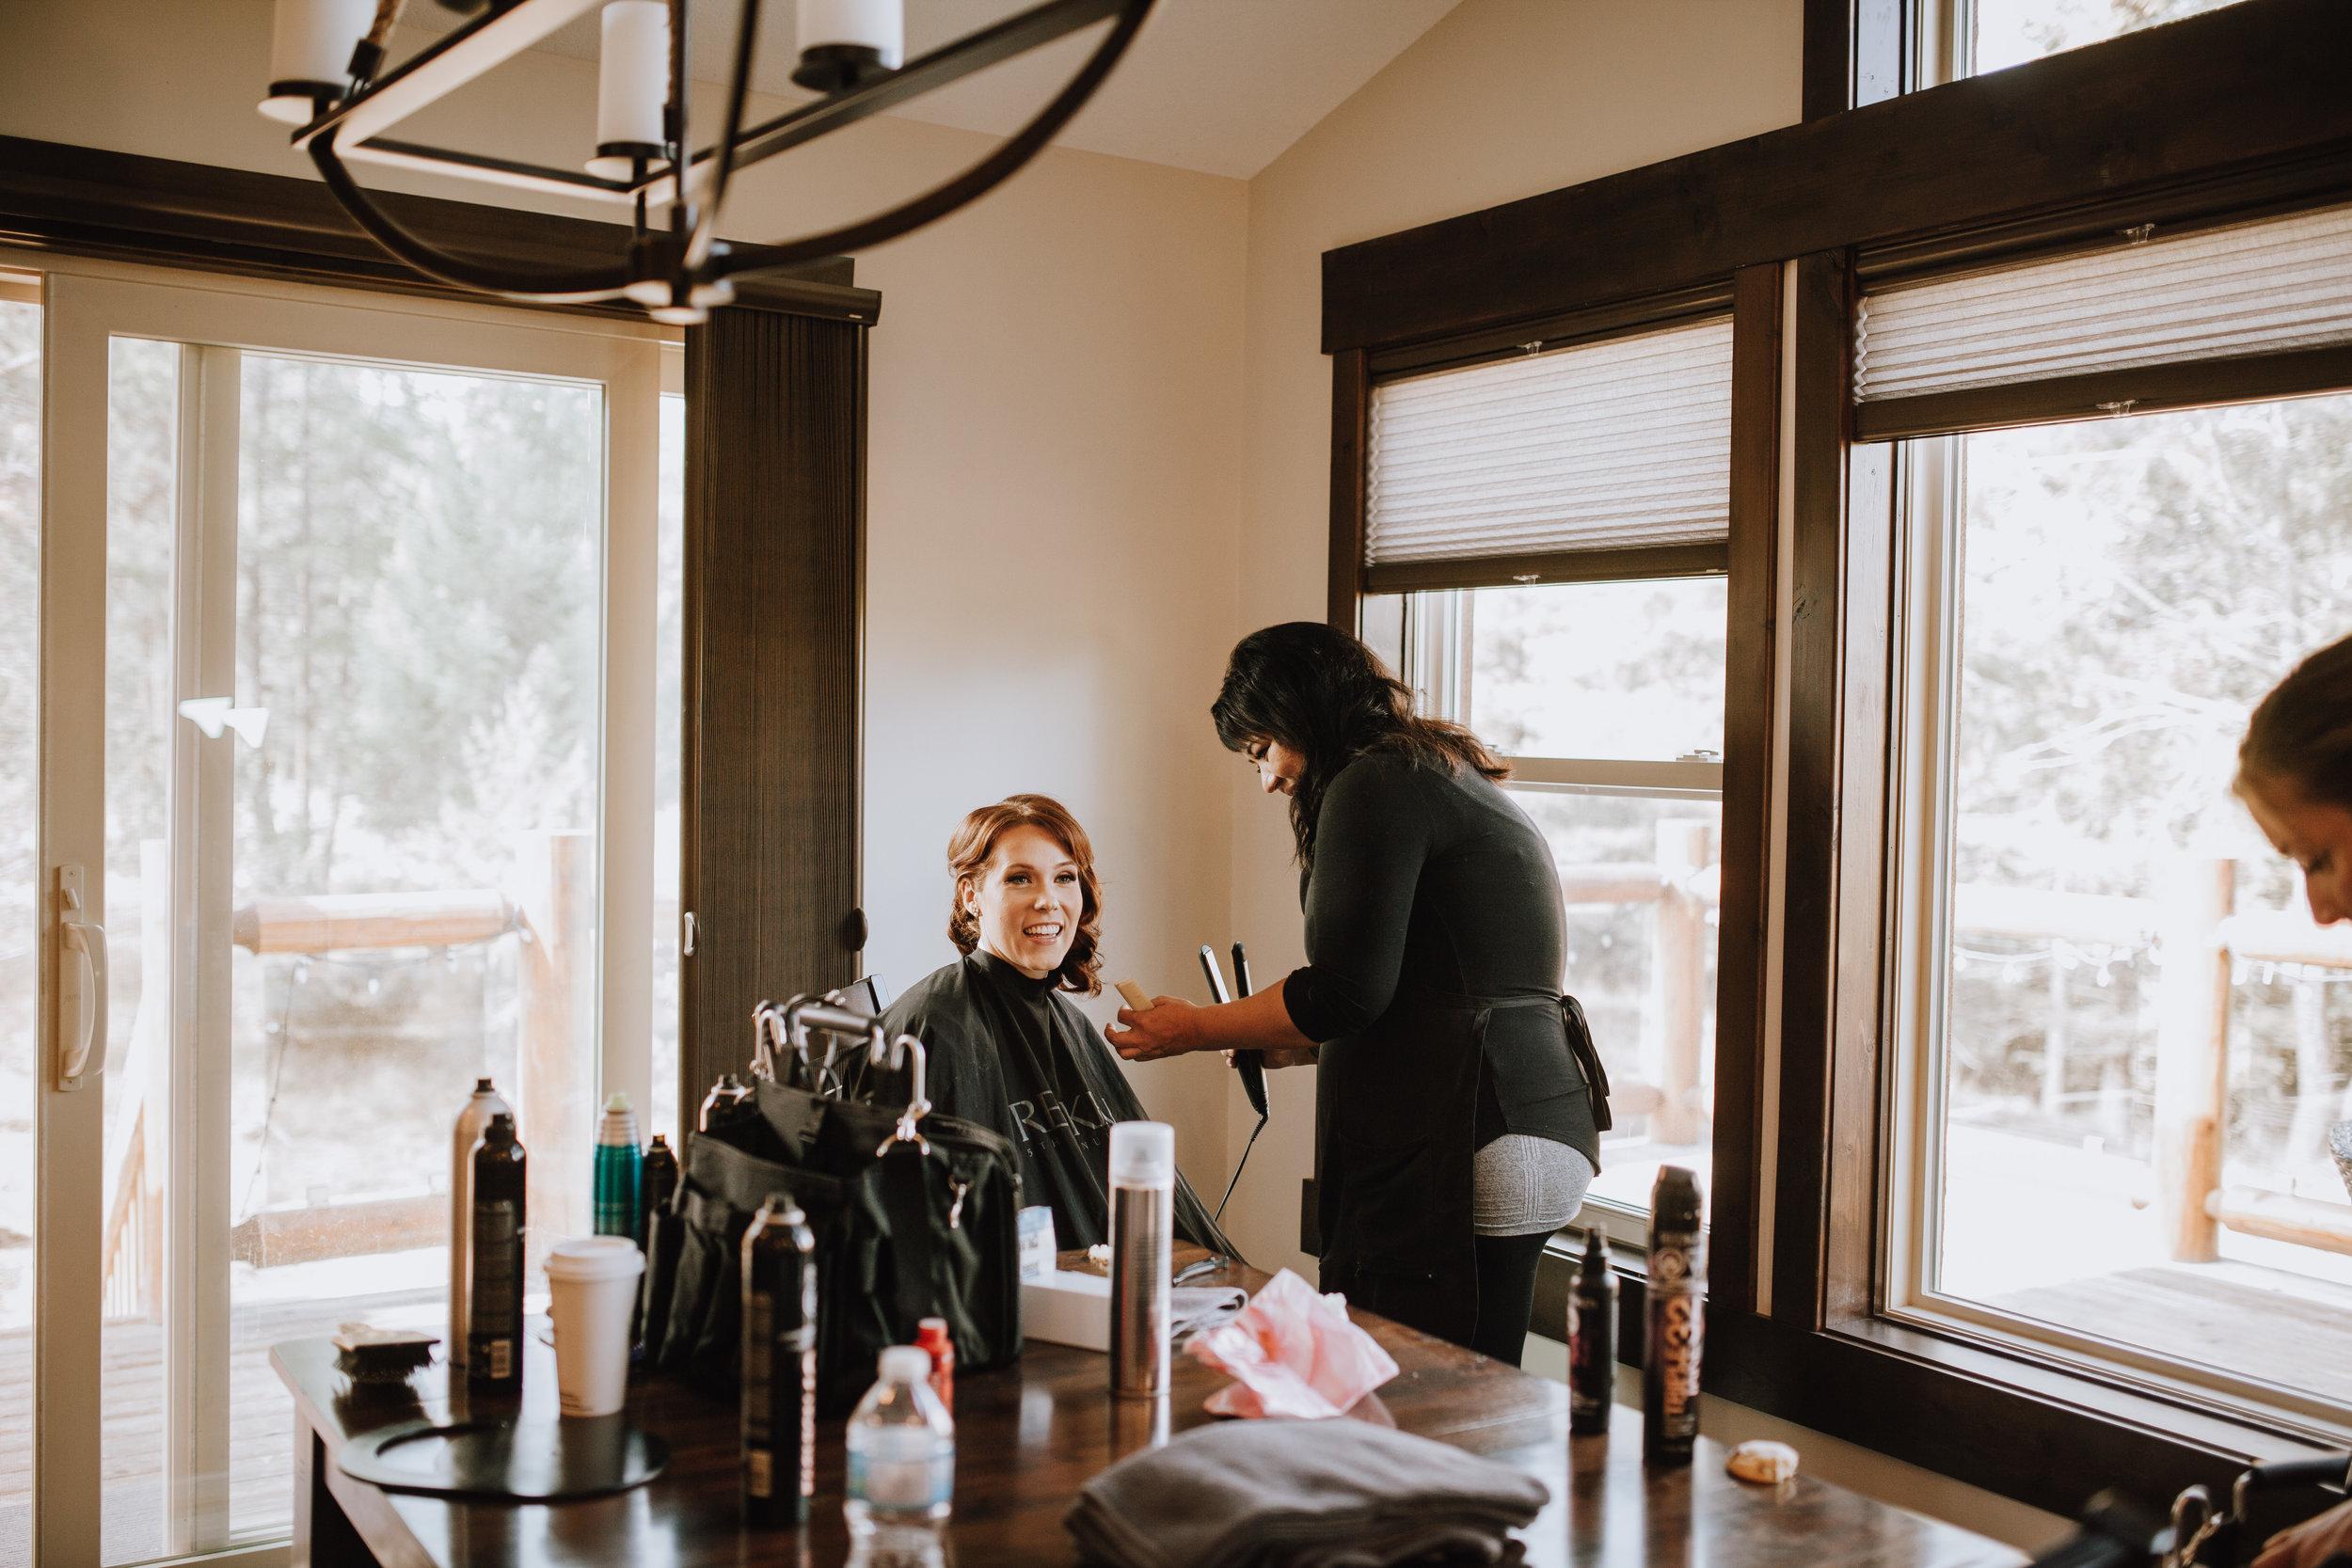 Sean + Janine 1 - Getting Ready-5.jpg